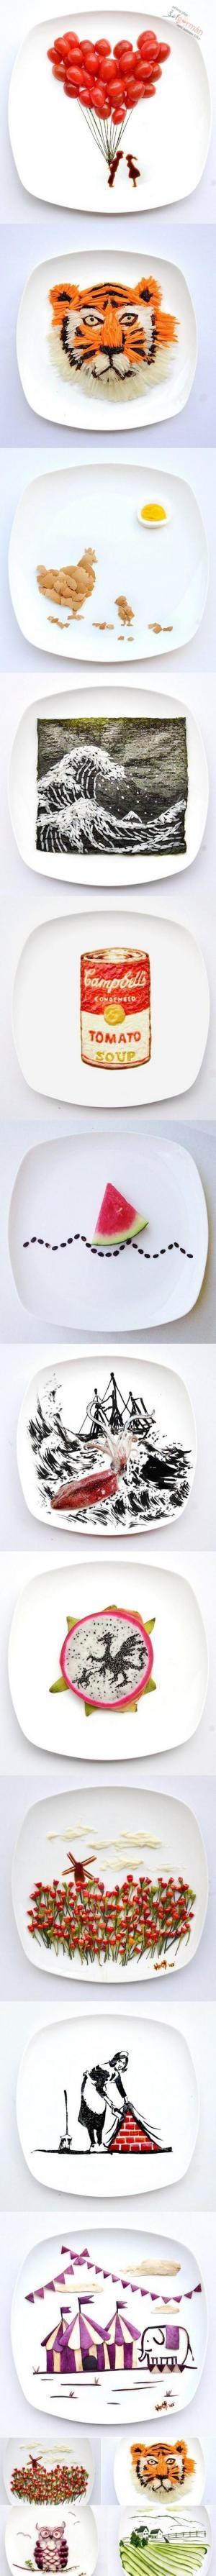 Obrazy z potravin